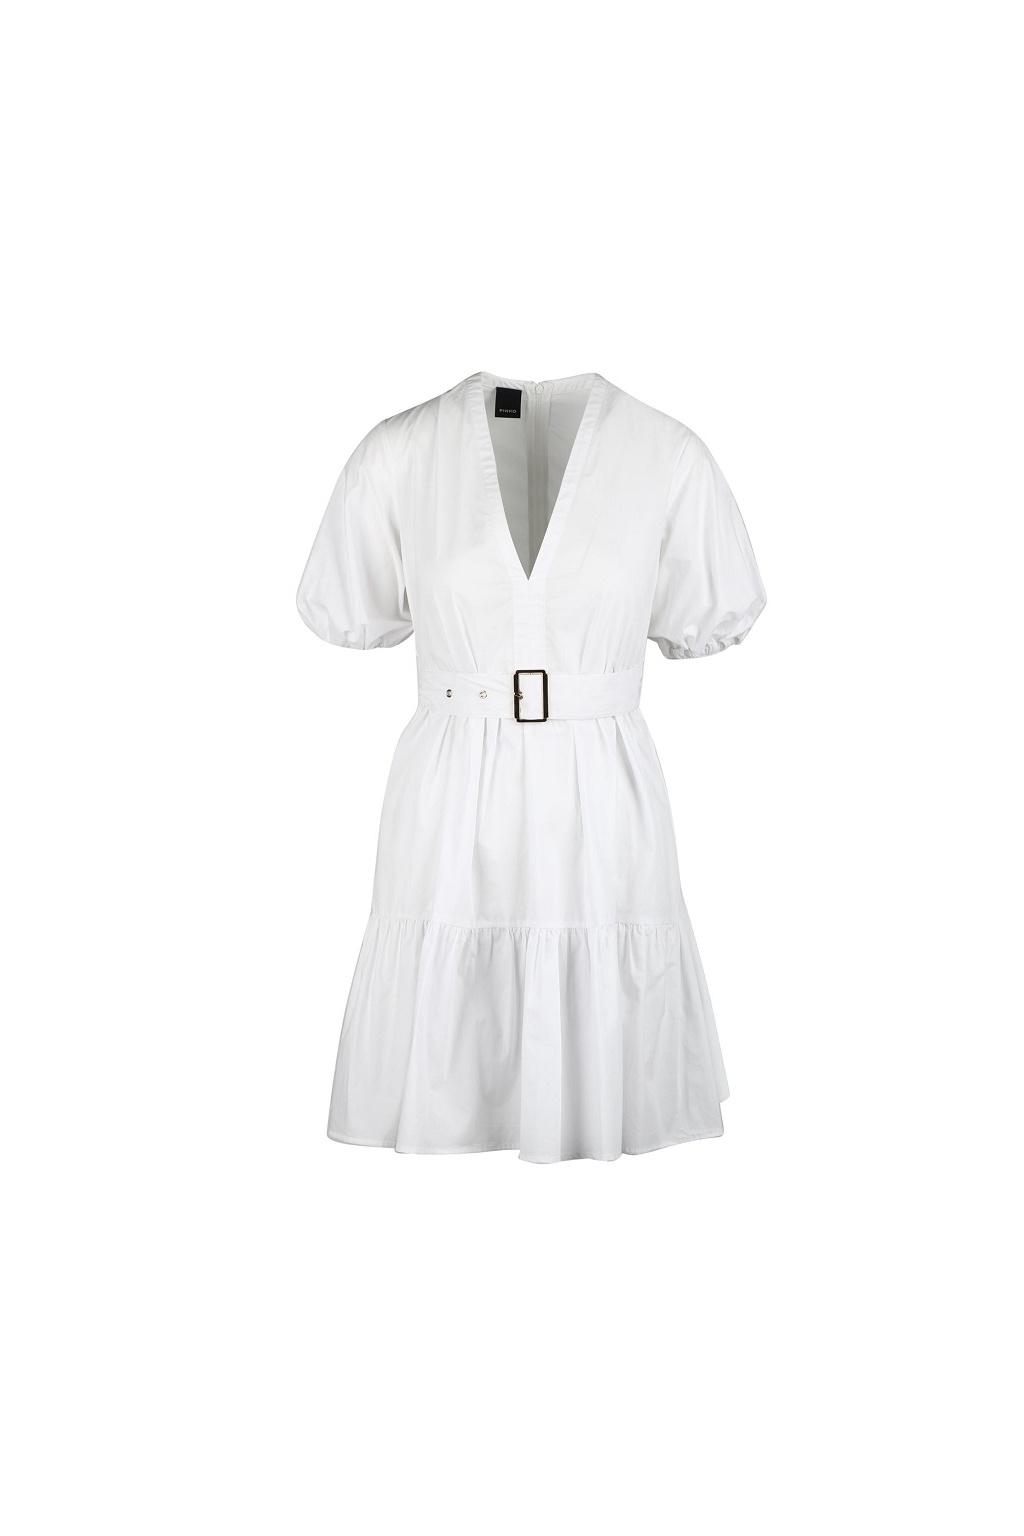 Dámské šaty Pinko Nuvoloso 1 bílé